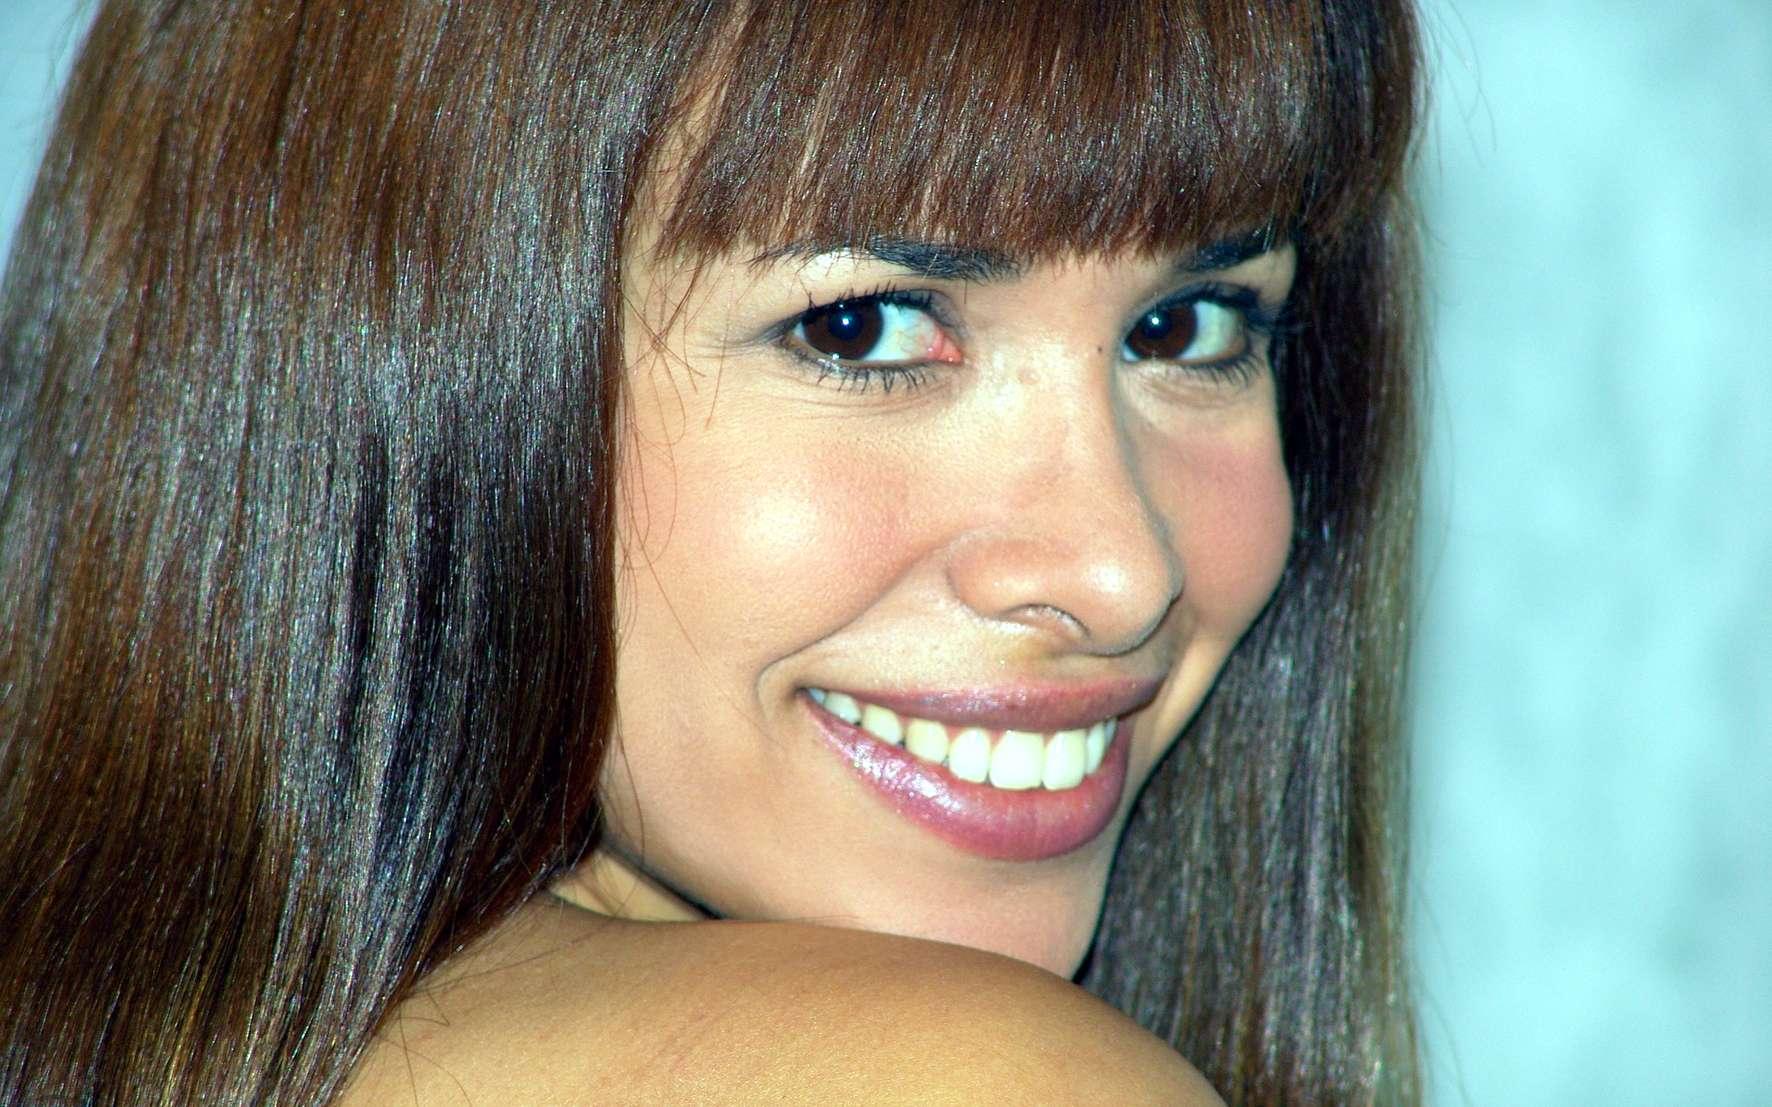 Le sourire contribue à la communication, au même titre que les autres expressions faciales. Différentes études ont même montré que voir quelqu'un sourire rendait le spectateur plus heureux. Il est donc important de garder un beau sourire, et c'est à ça que servent les facettes dentaires. © Sérgio Savarese, Wikipédia, cc by sa 2.0